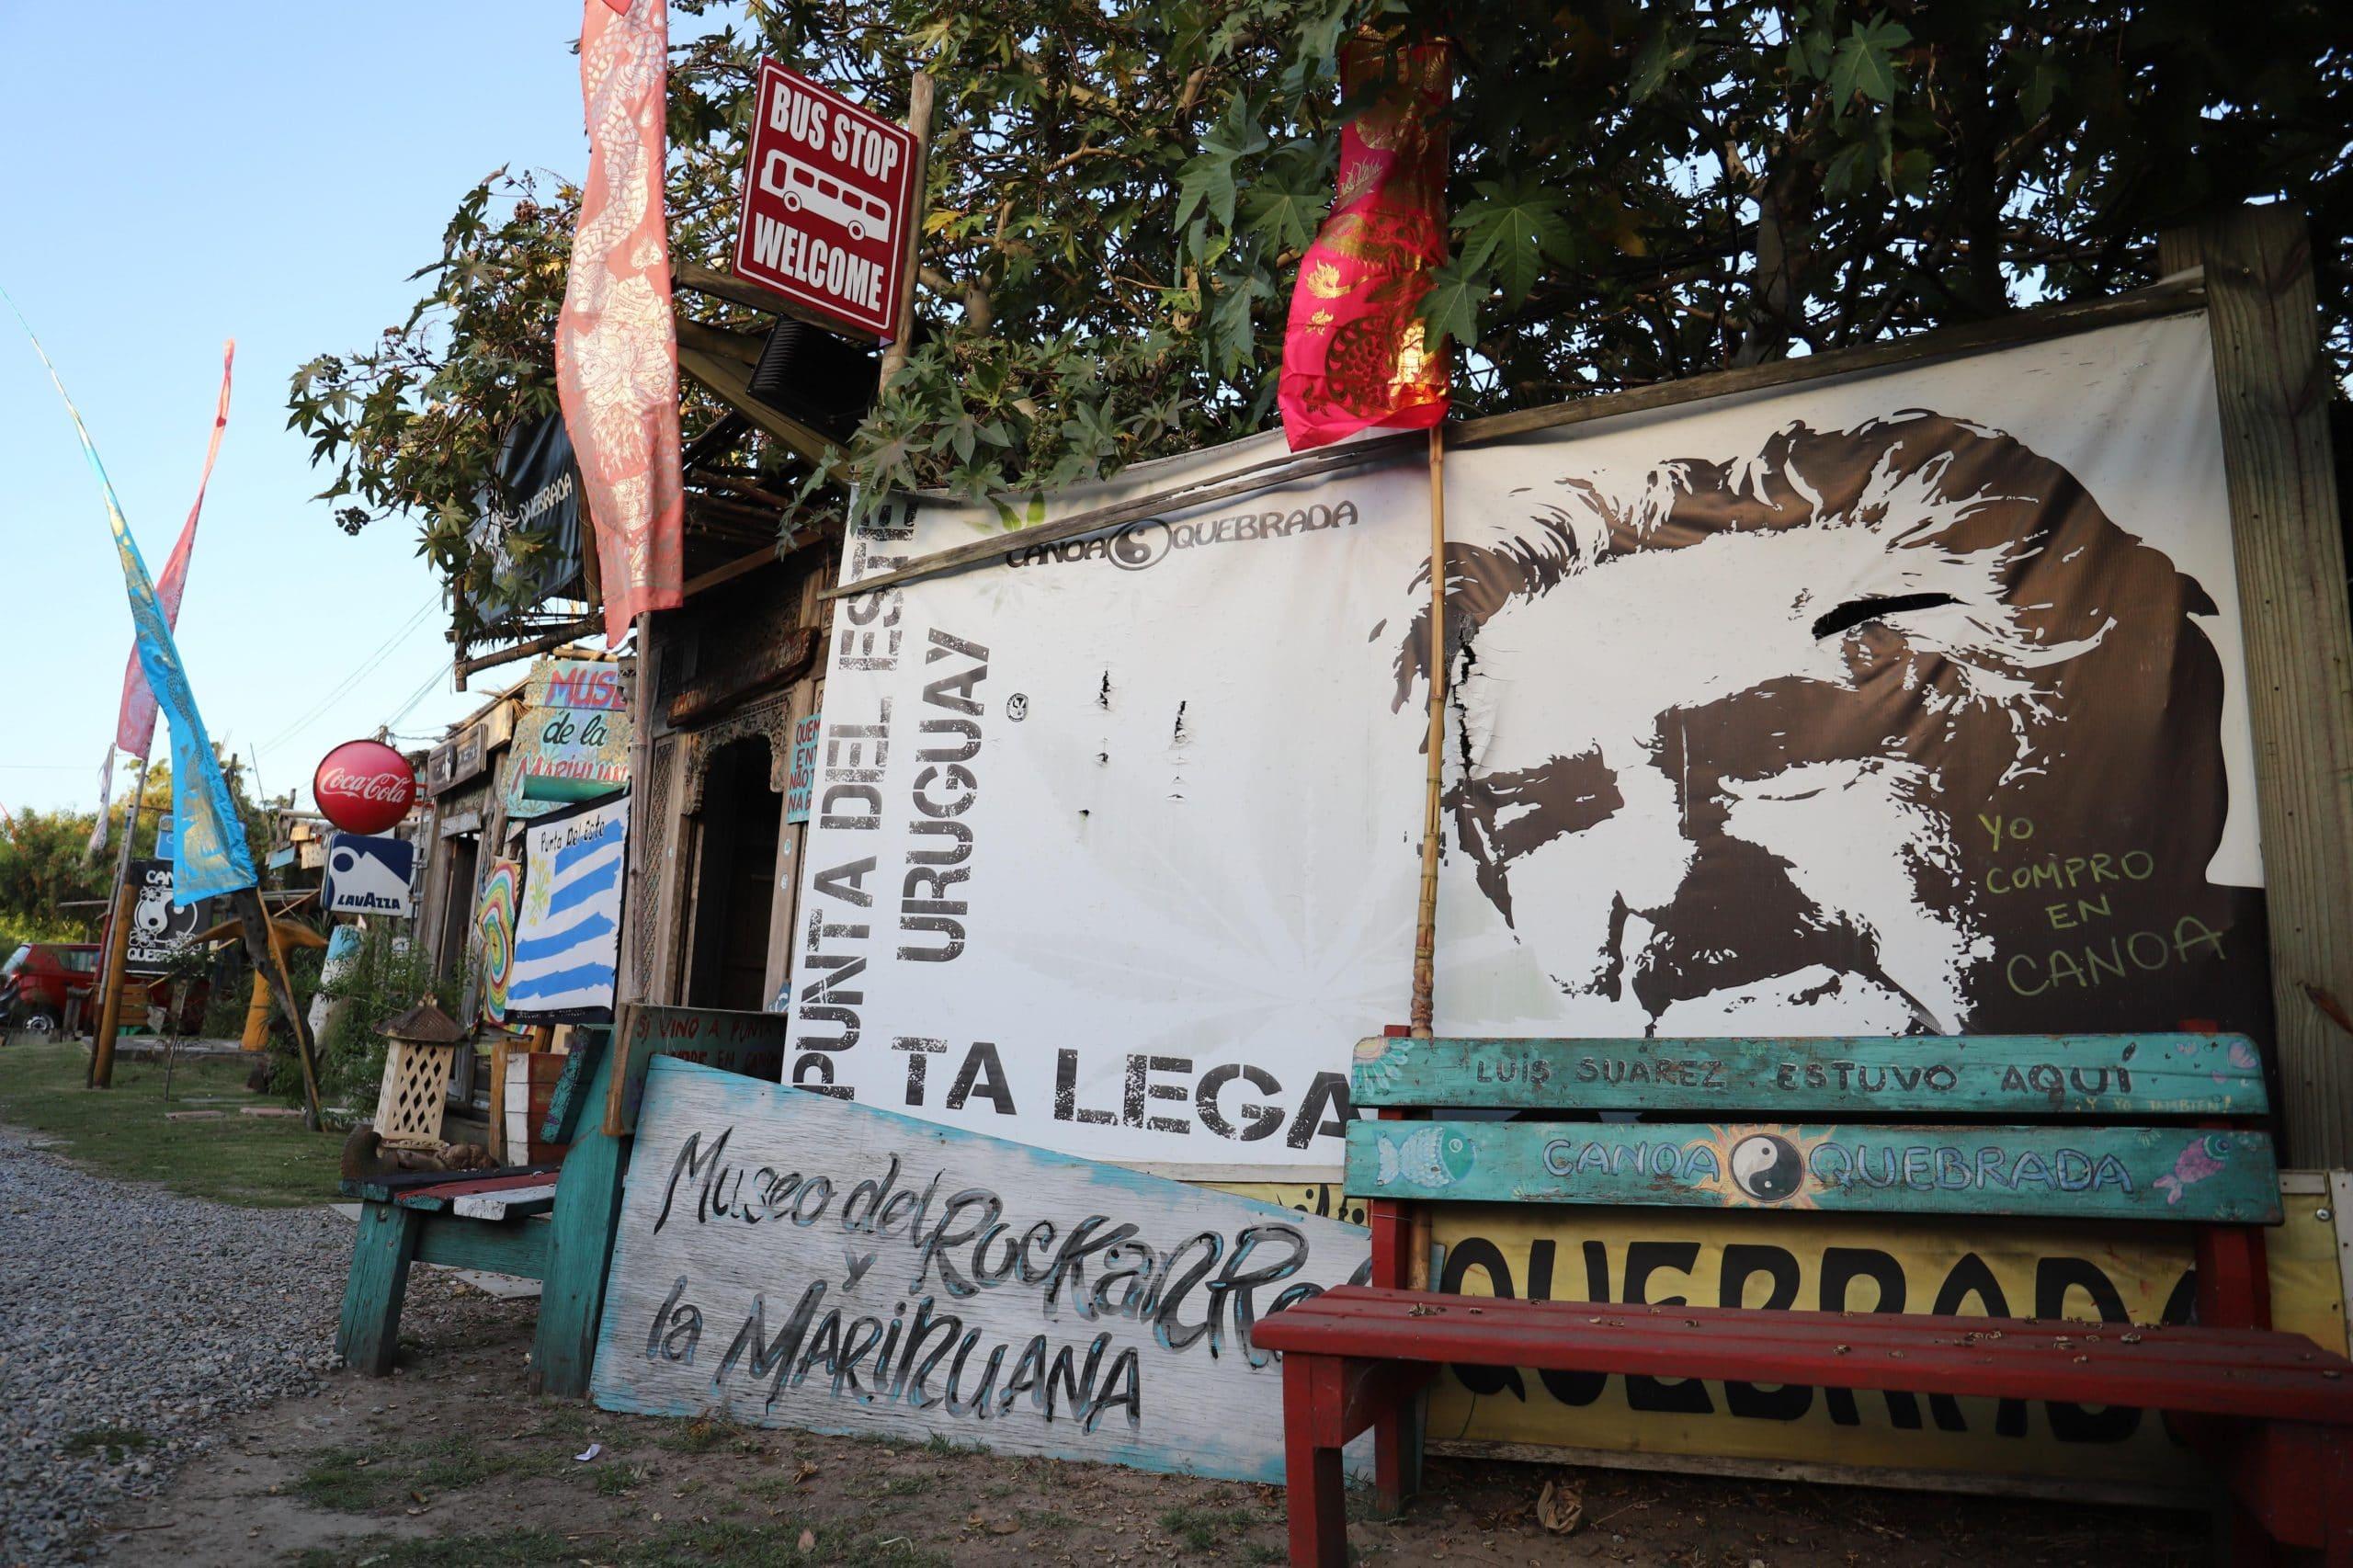 La imagen del Pepe Mujica se repite en Varios rincones del Museo de la Cannabis. Fotos: M Souto.